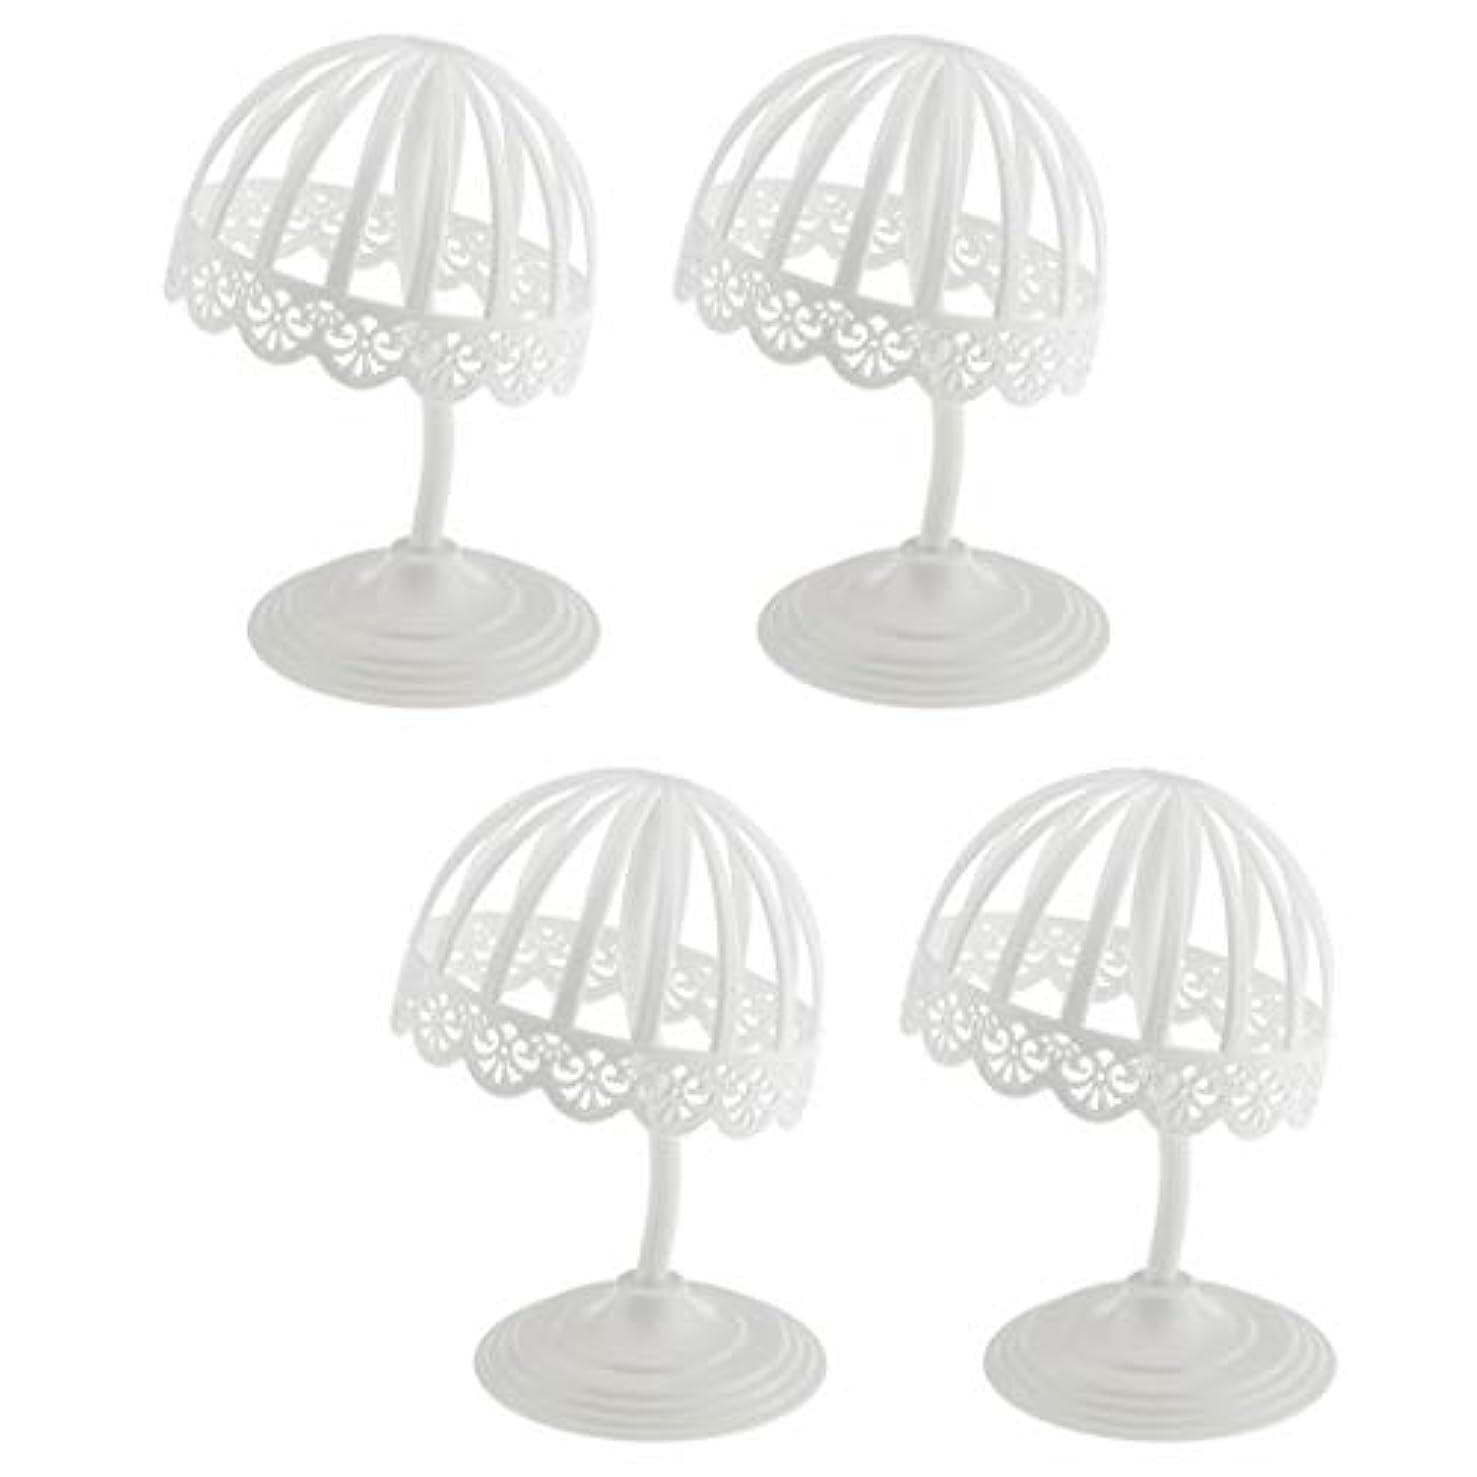 統計的ビル賢いSM SunniMix ウィッグ スタンド 帽子 収納 ディスプレイ 4個セット プラスチック製 ホワイト